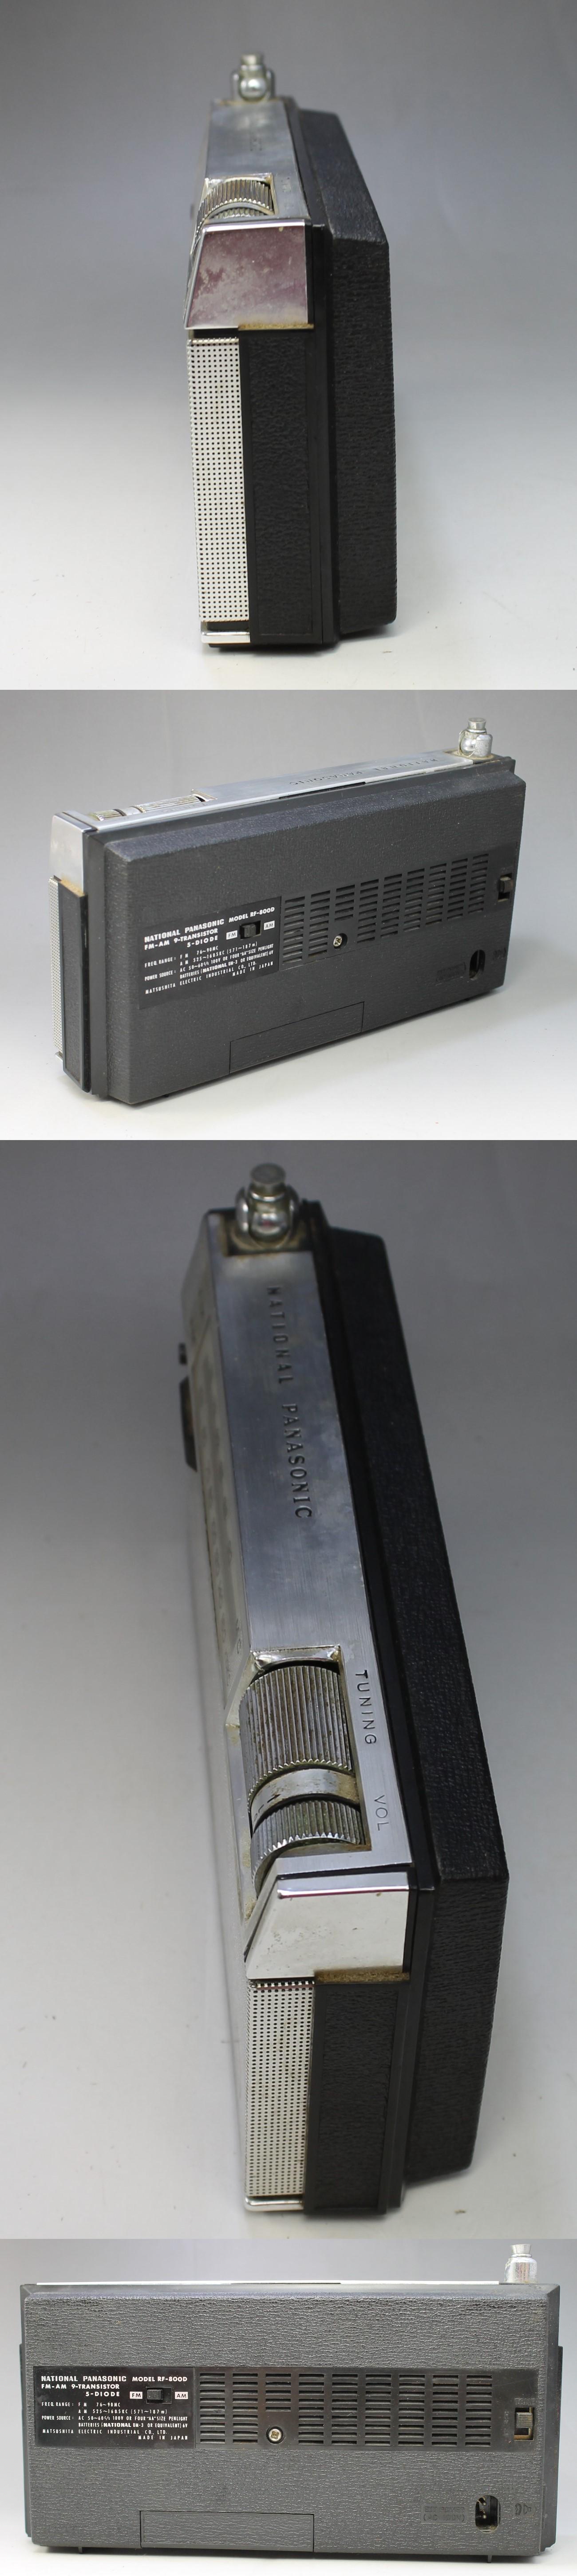 ナショナルRF800D 2